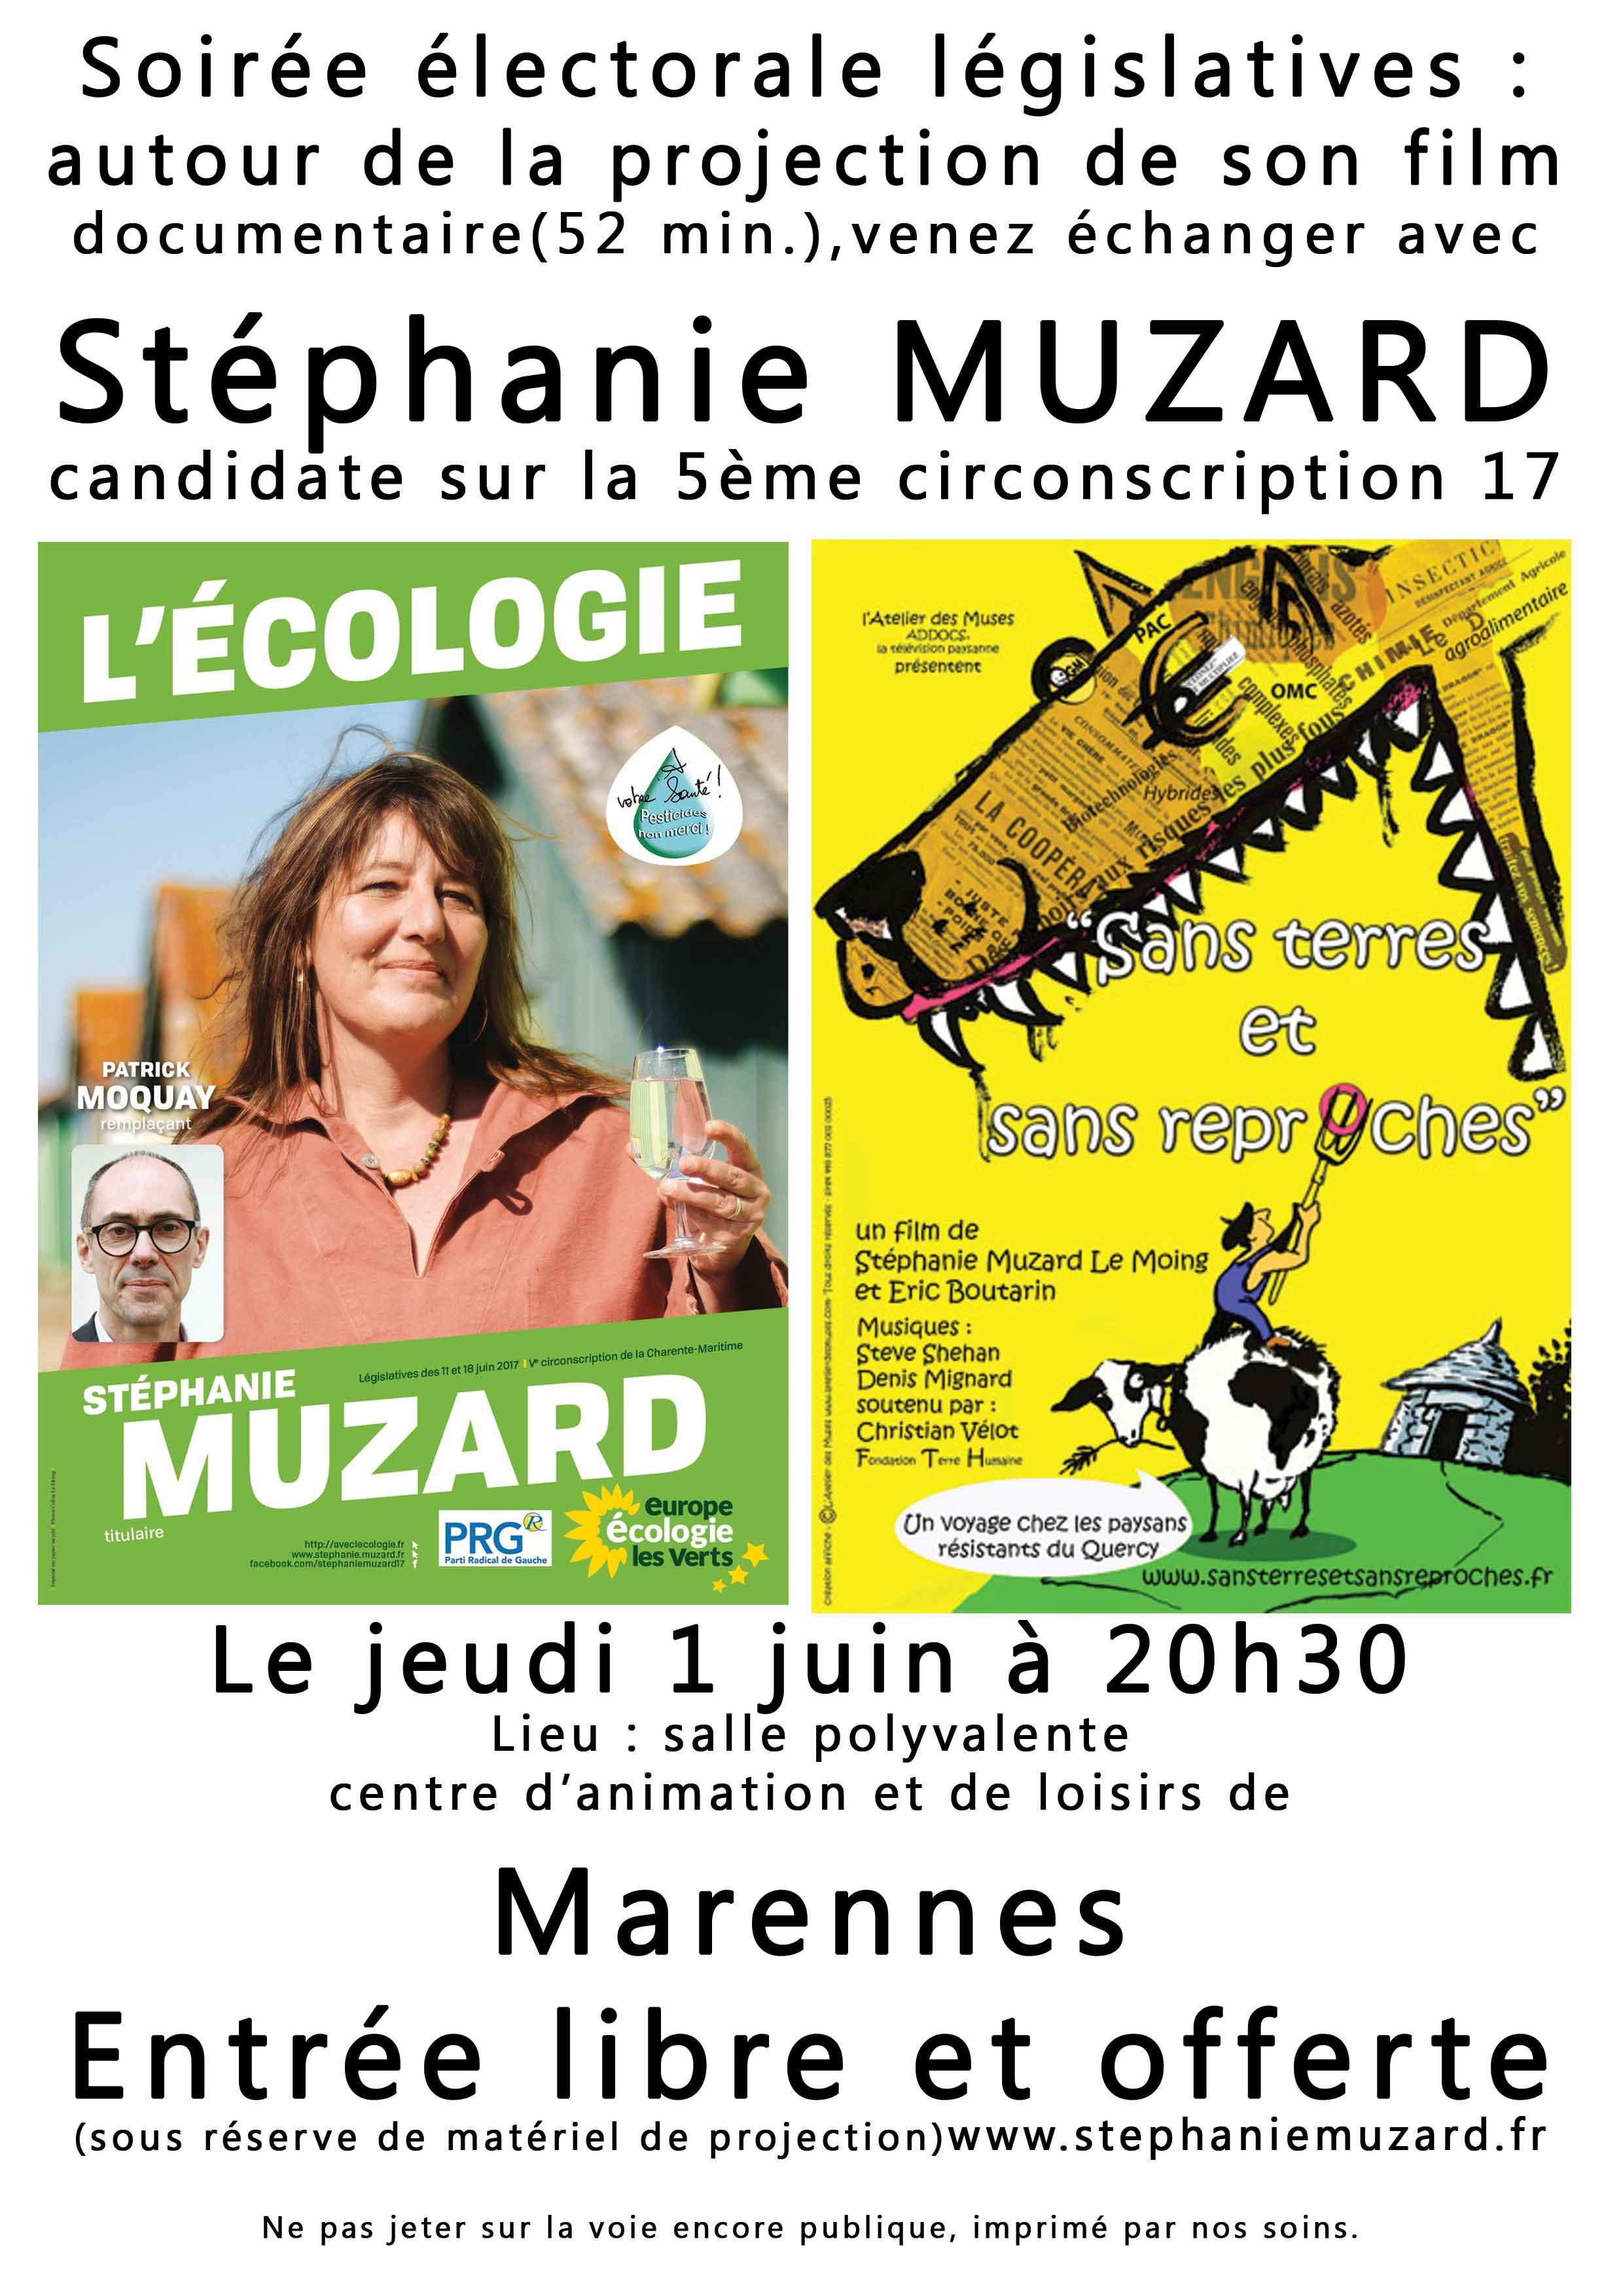 réunion-publique-1-juin-Marennes.jpg